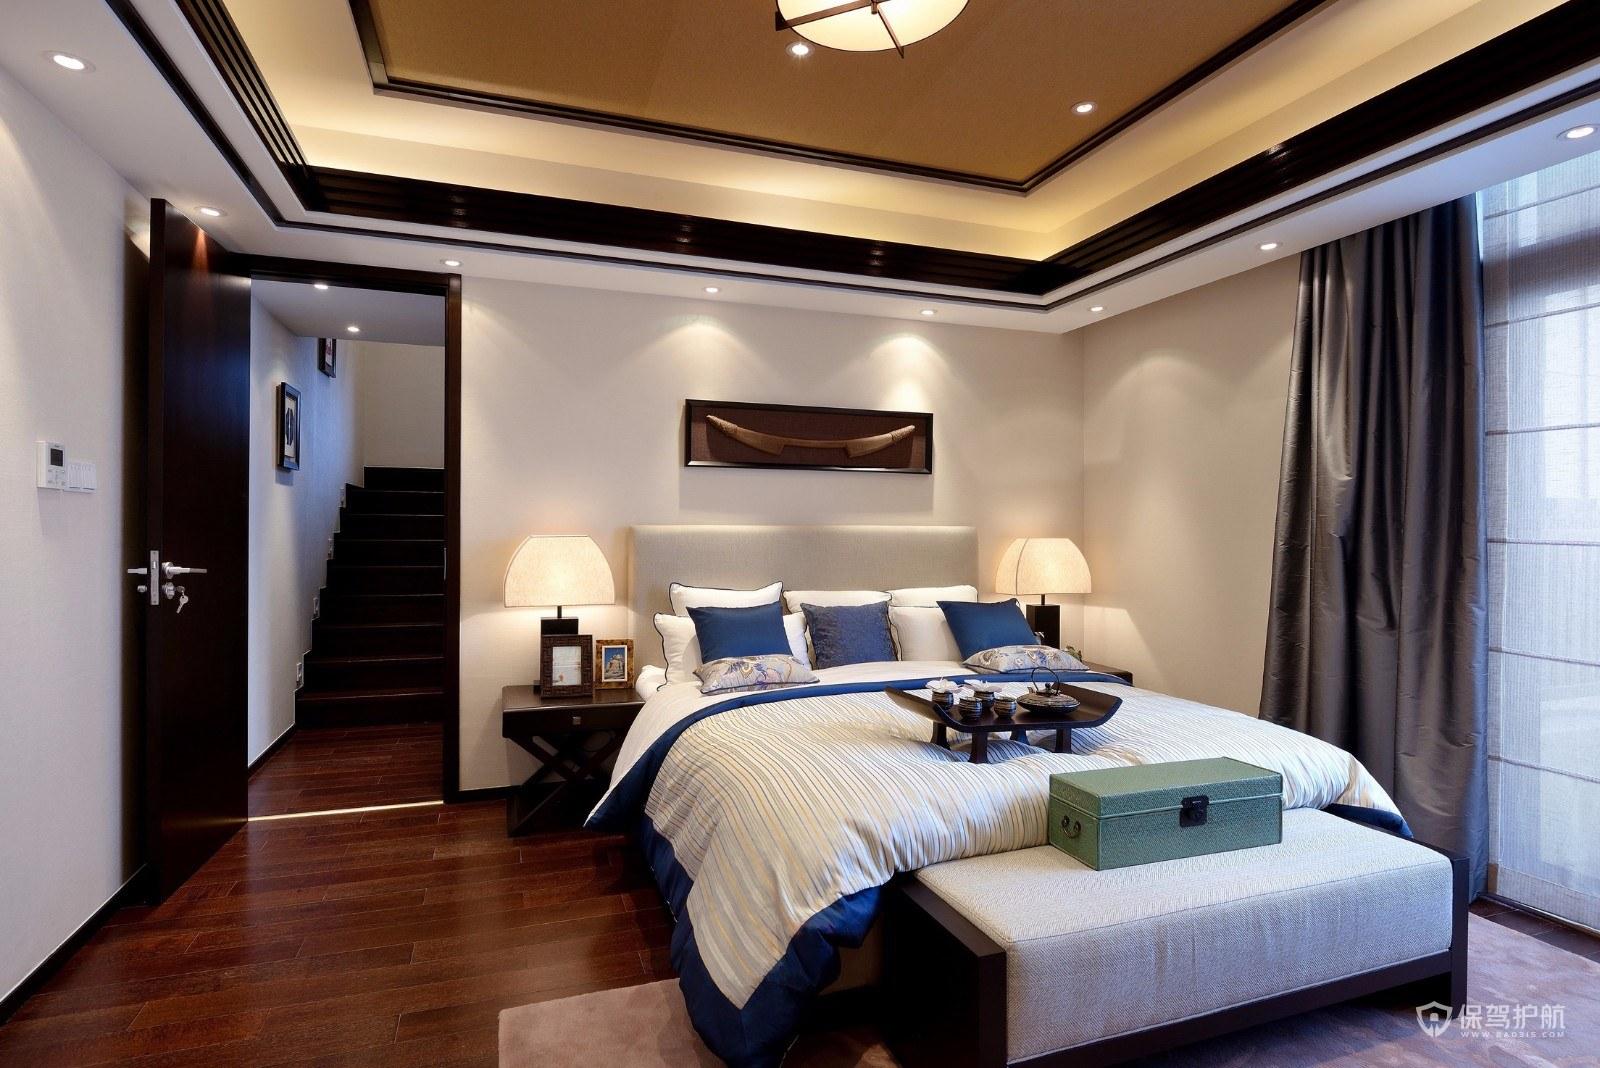 門和家具的顏色搭配技巧 門和家具的顏色搭配效果圖